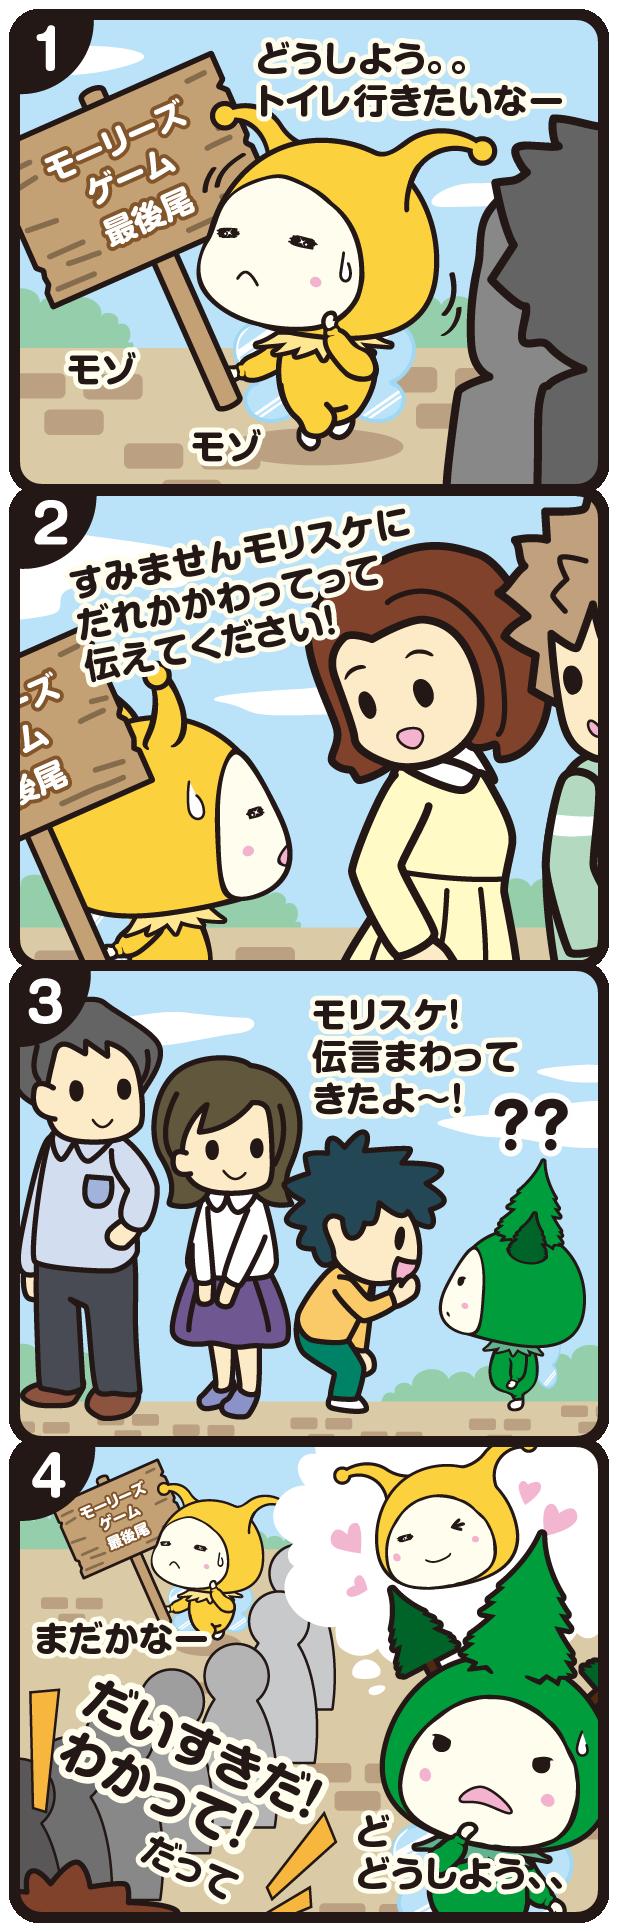 comic_176